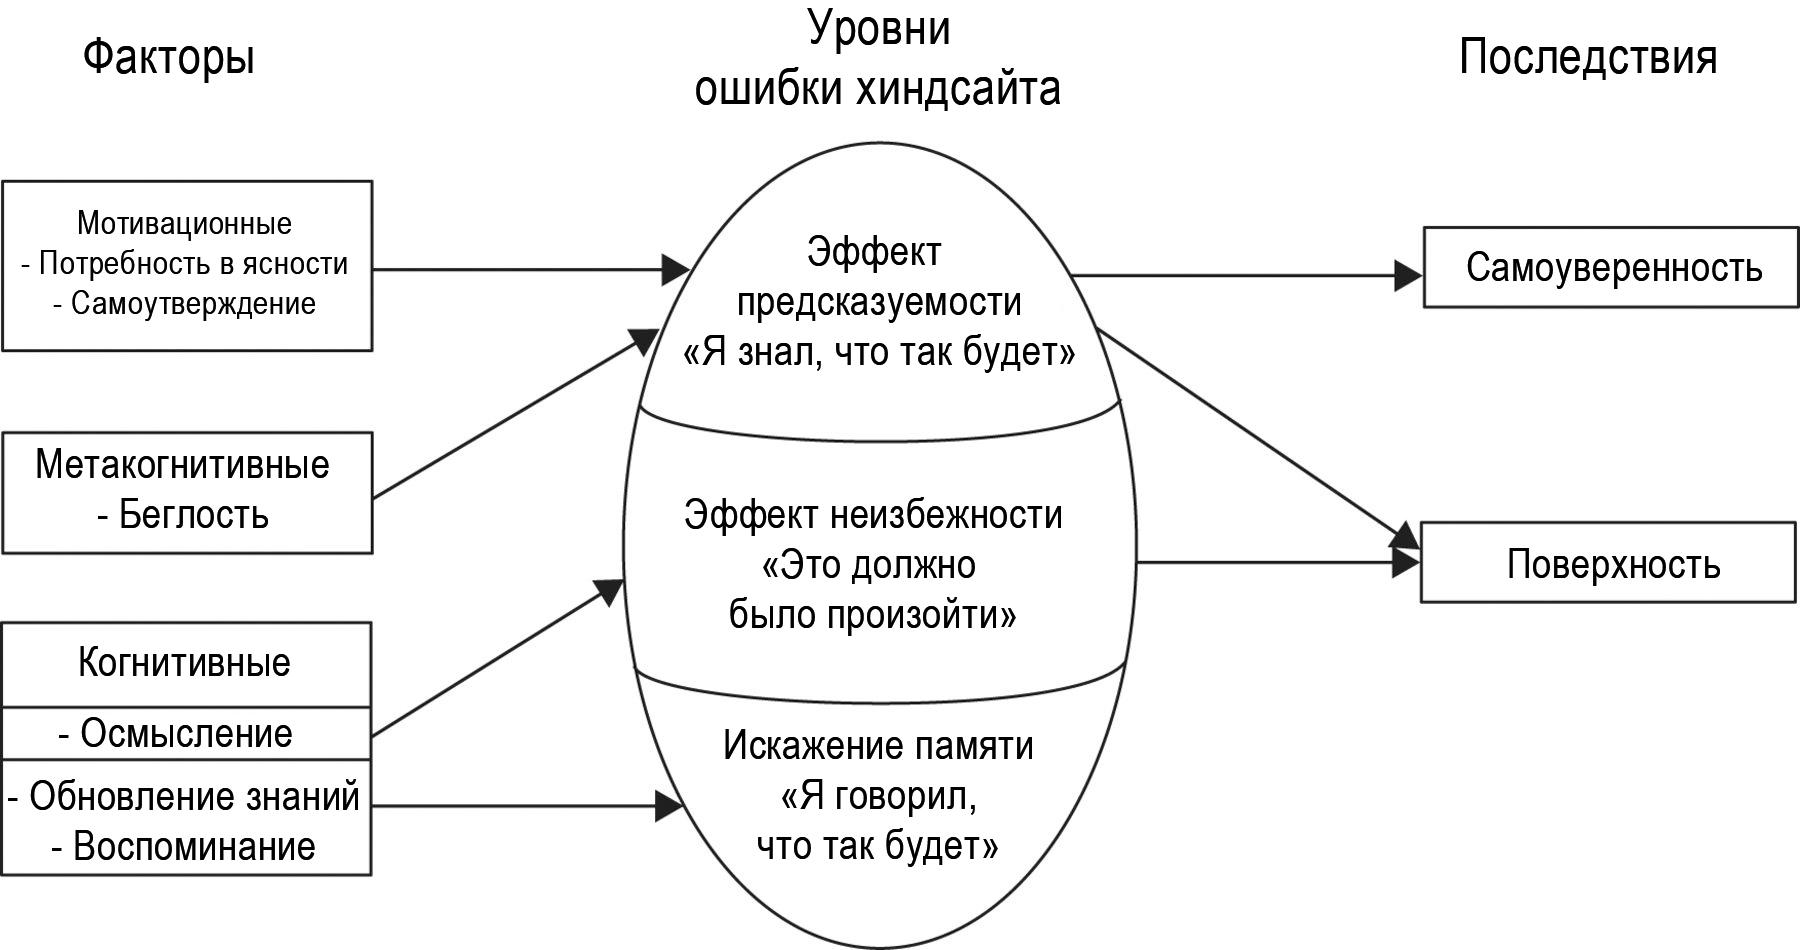 Модель ошибки хиндсайта.